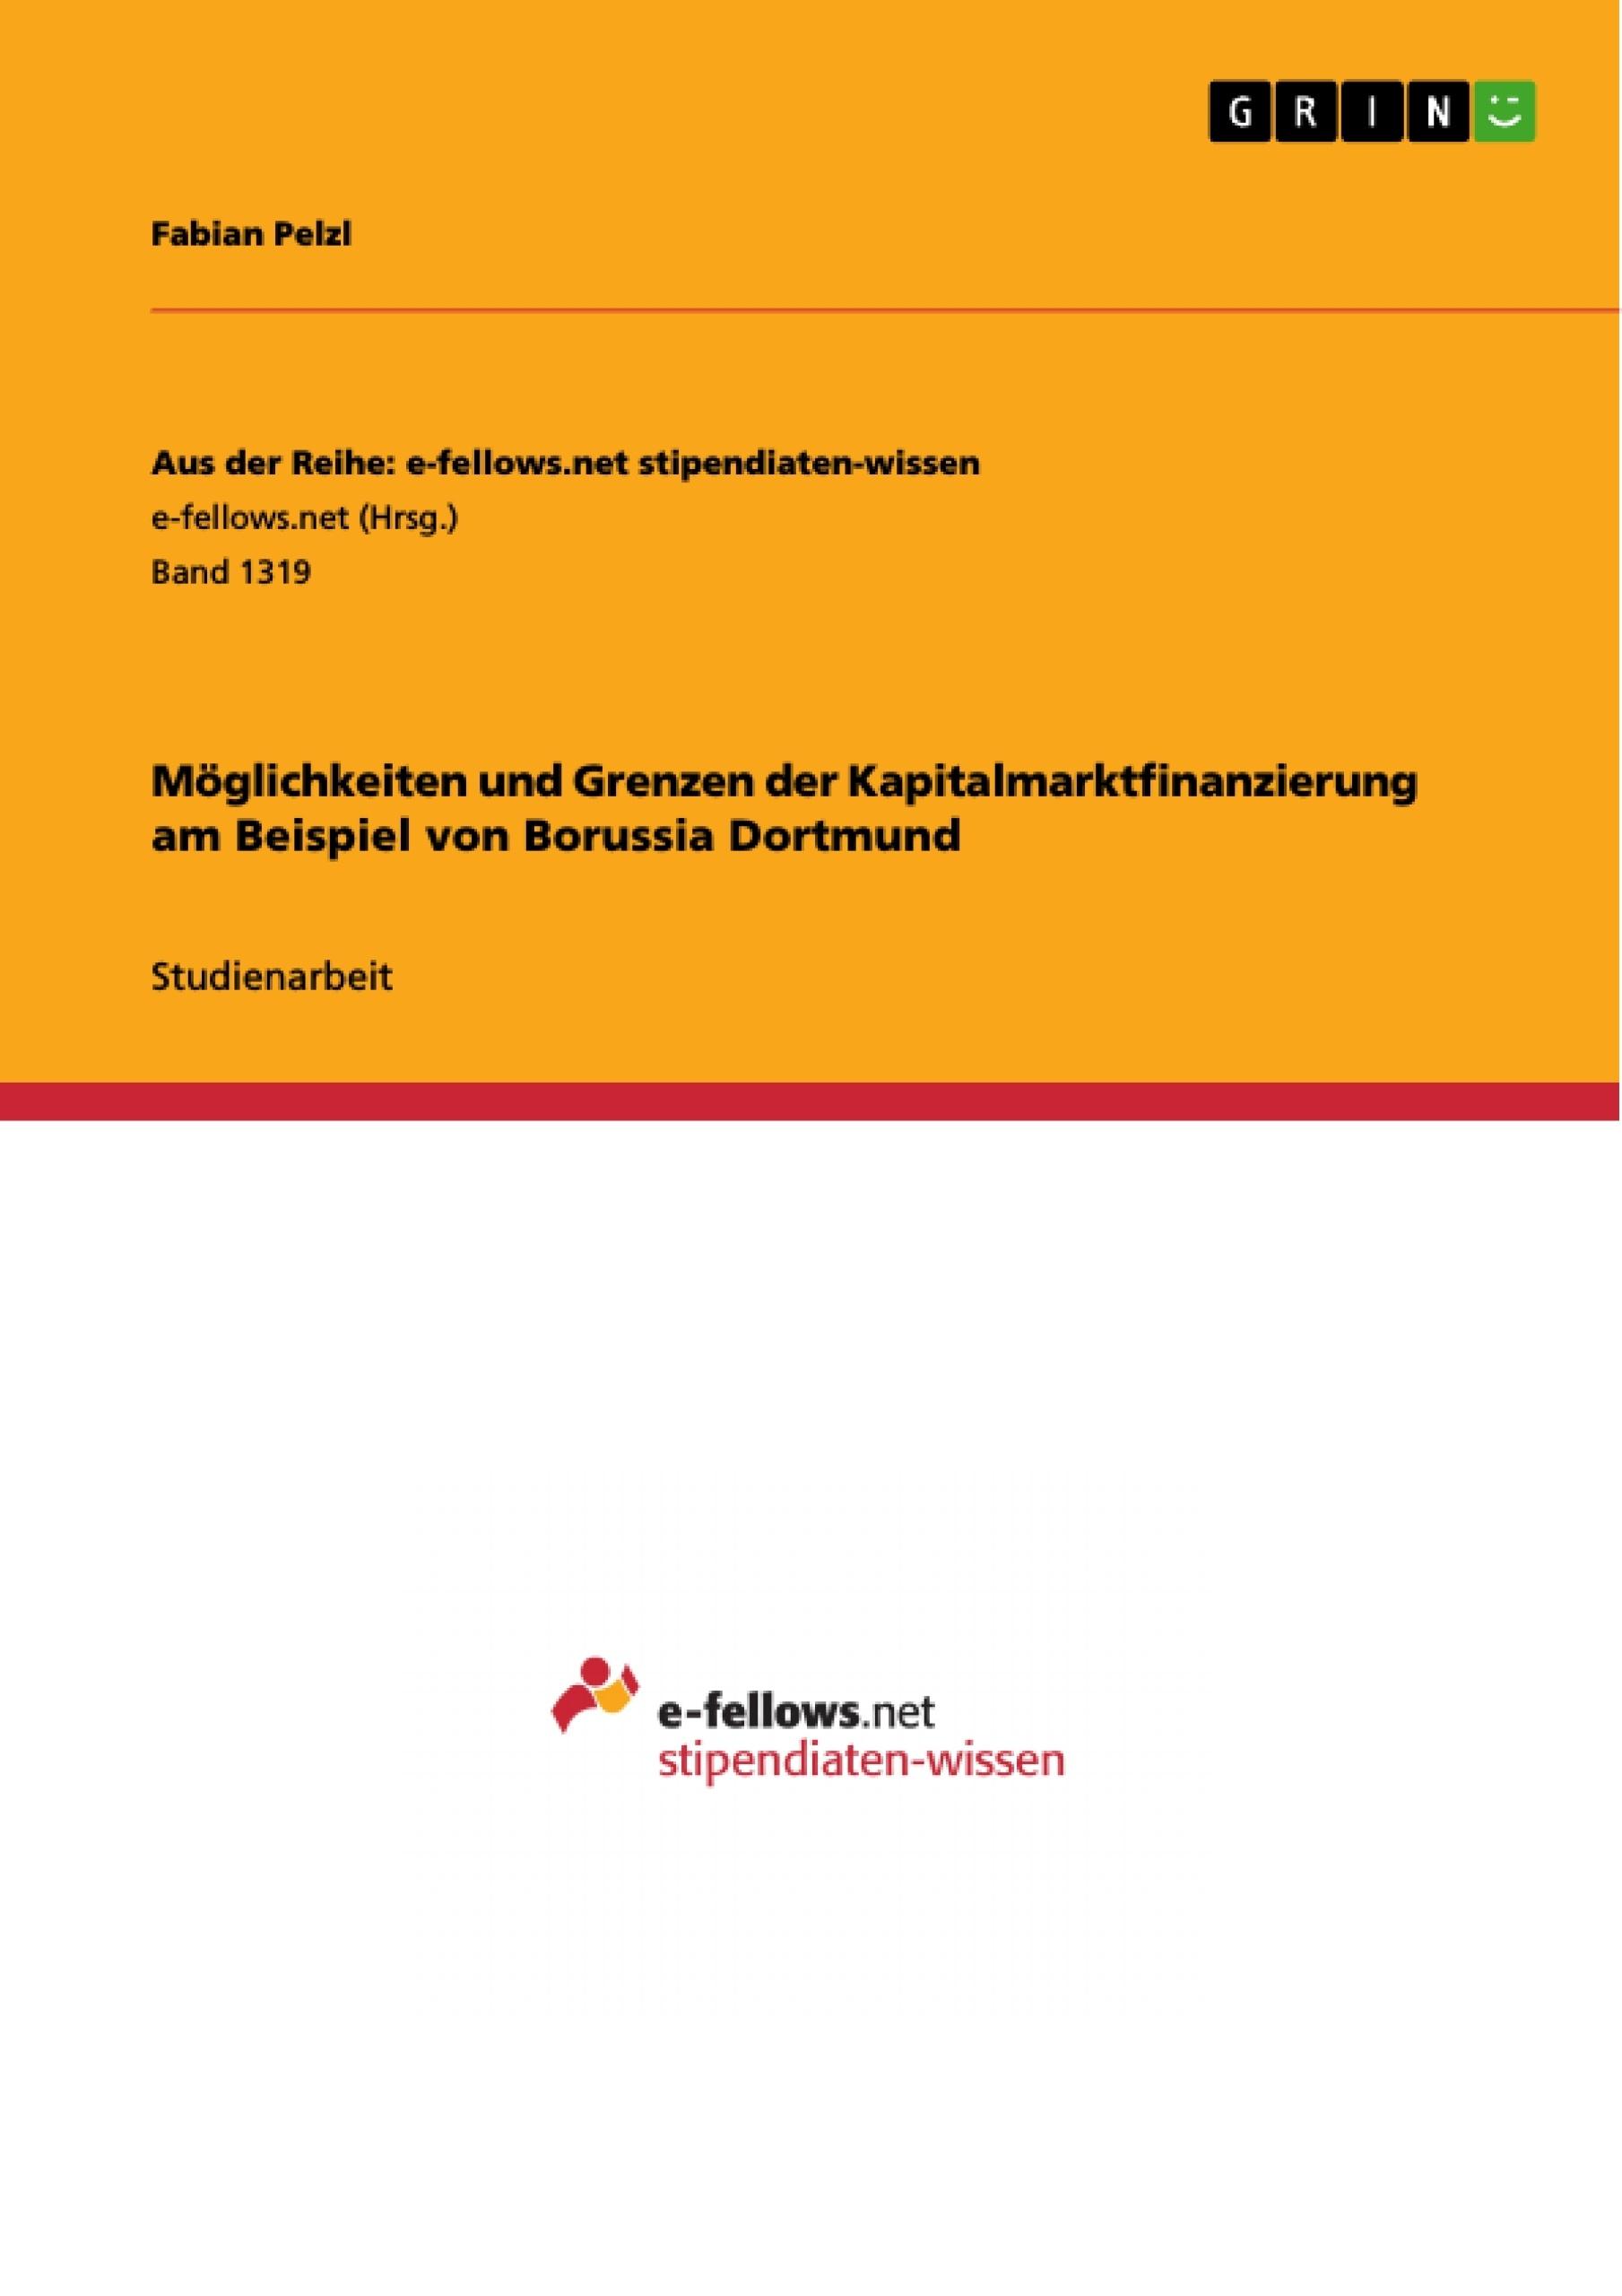 Titel: Möglichkeiten und Grenzen der Kapitalmarktfinanzierung am Beispiel von Borussia Dortmund